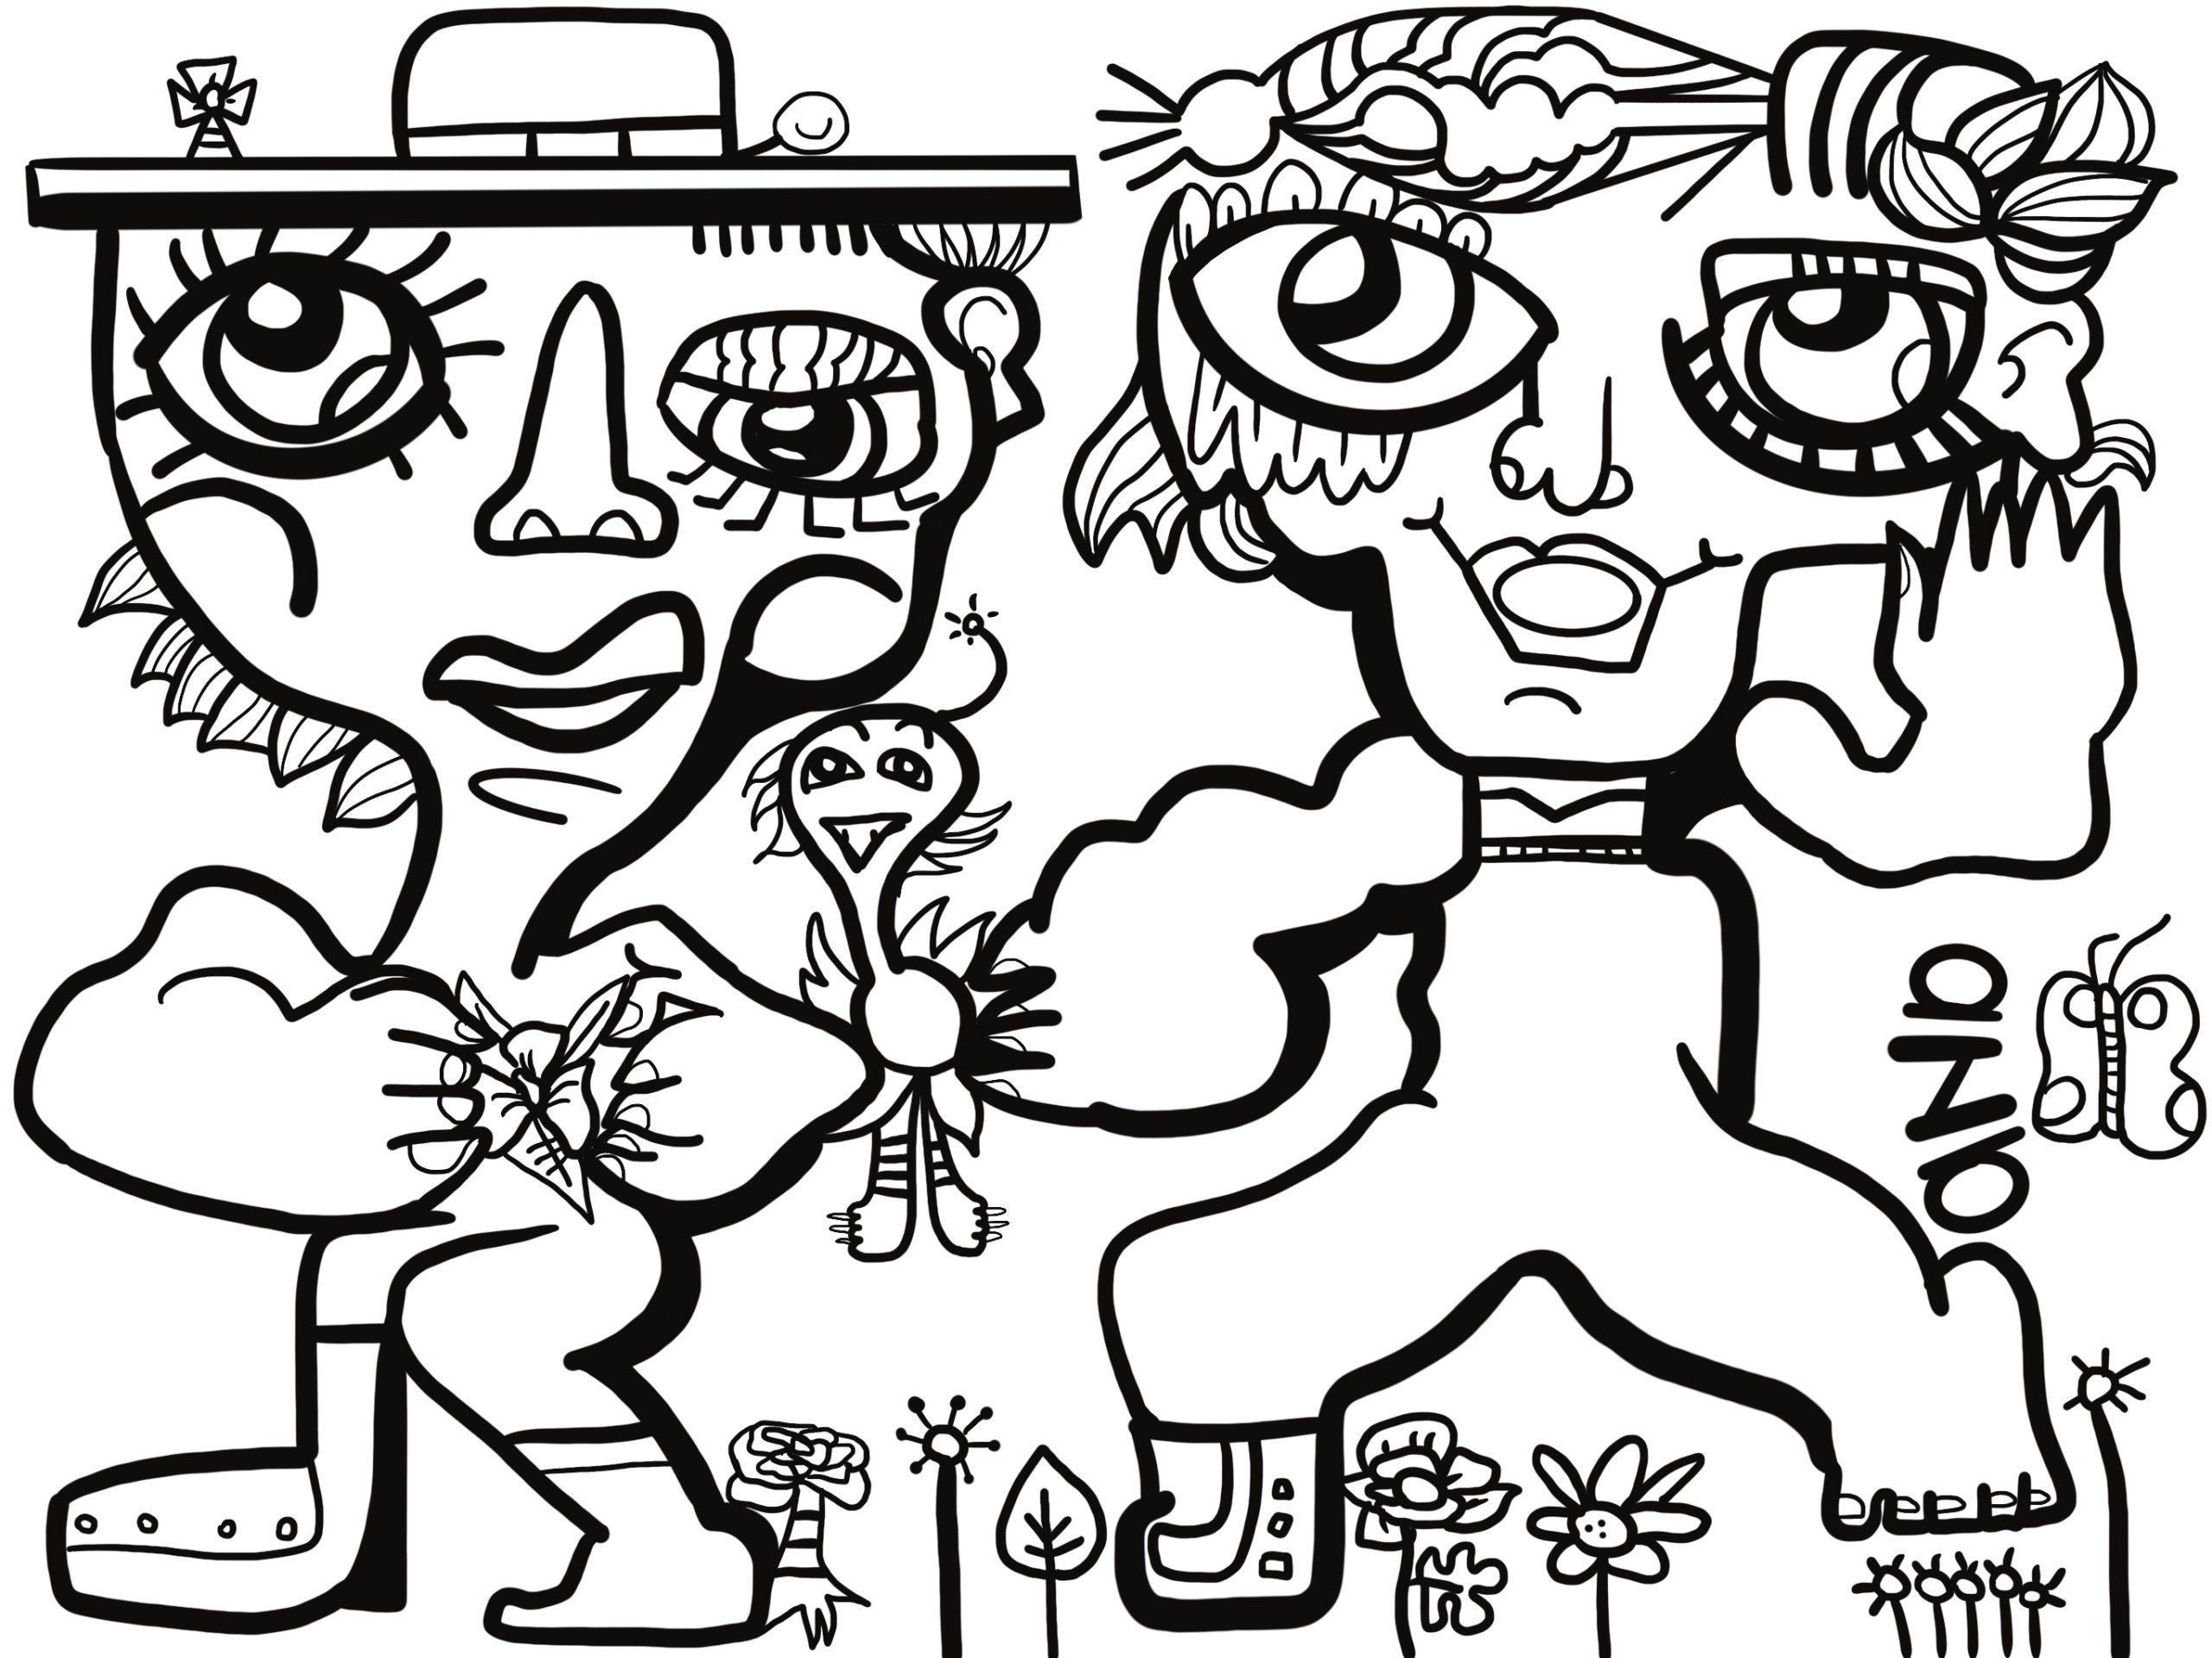 Fresque digitale brainstorming noir et blanc aNa artiste pour Digital Mural et My Art Box